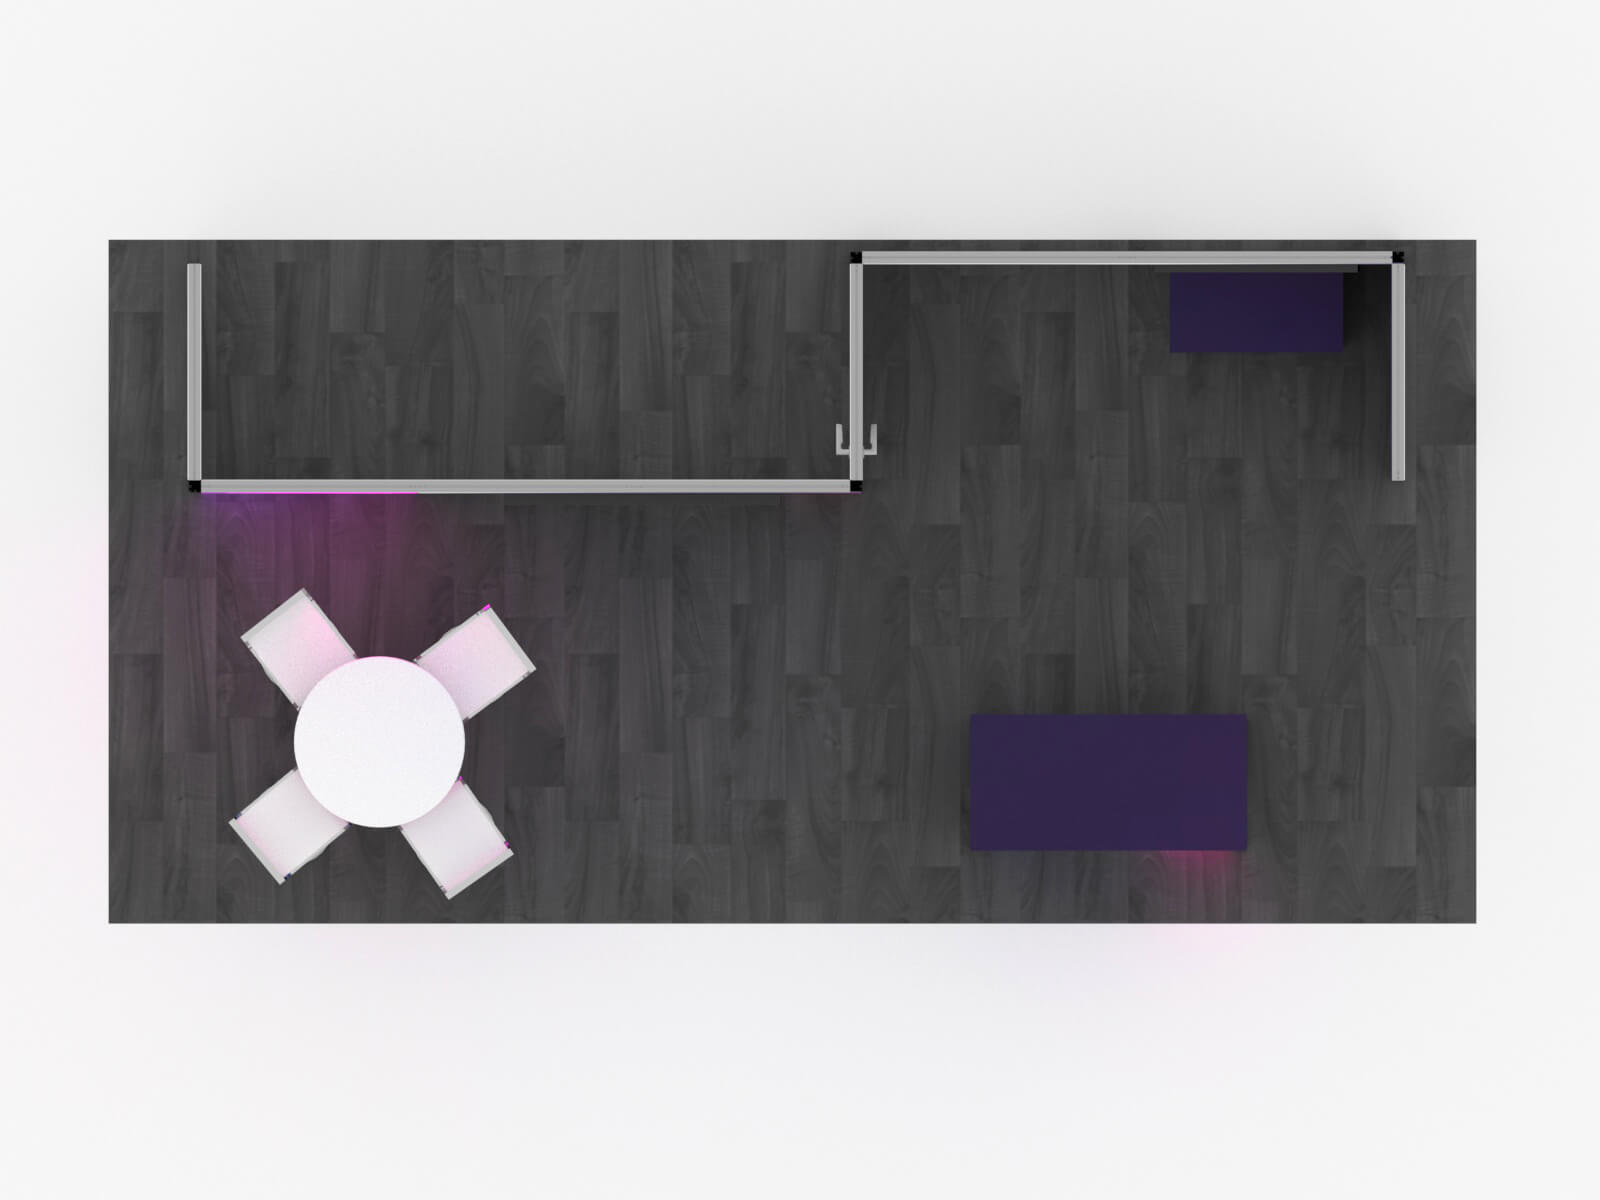 GK-2013 Gravitee LB Design - plan view